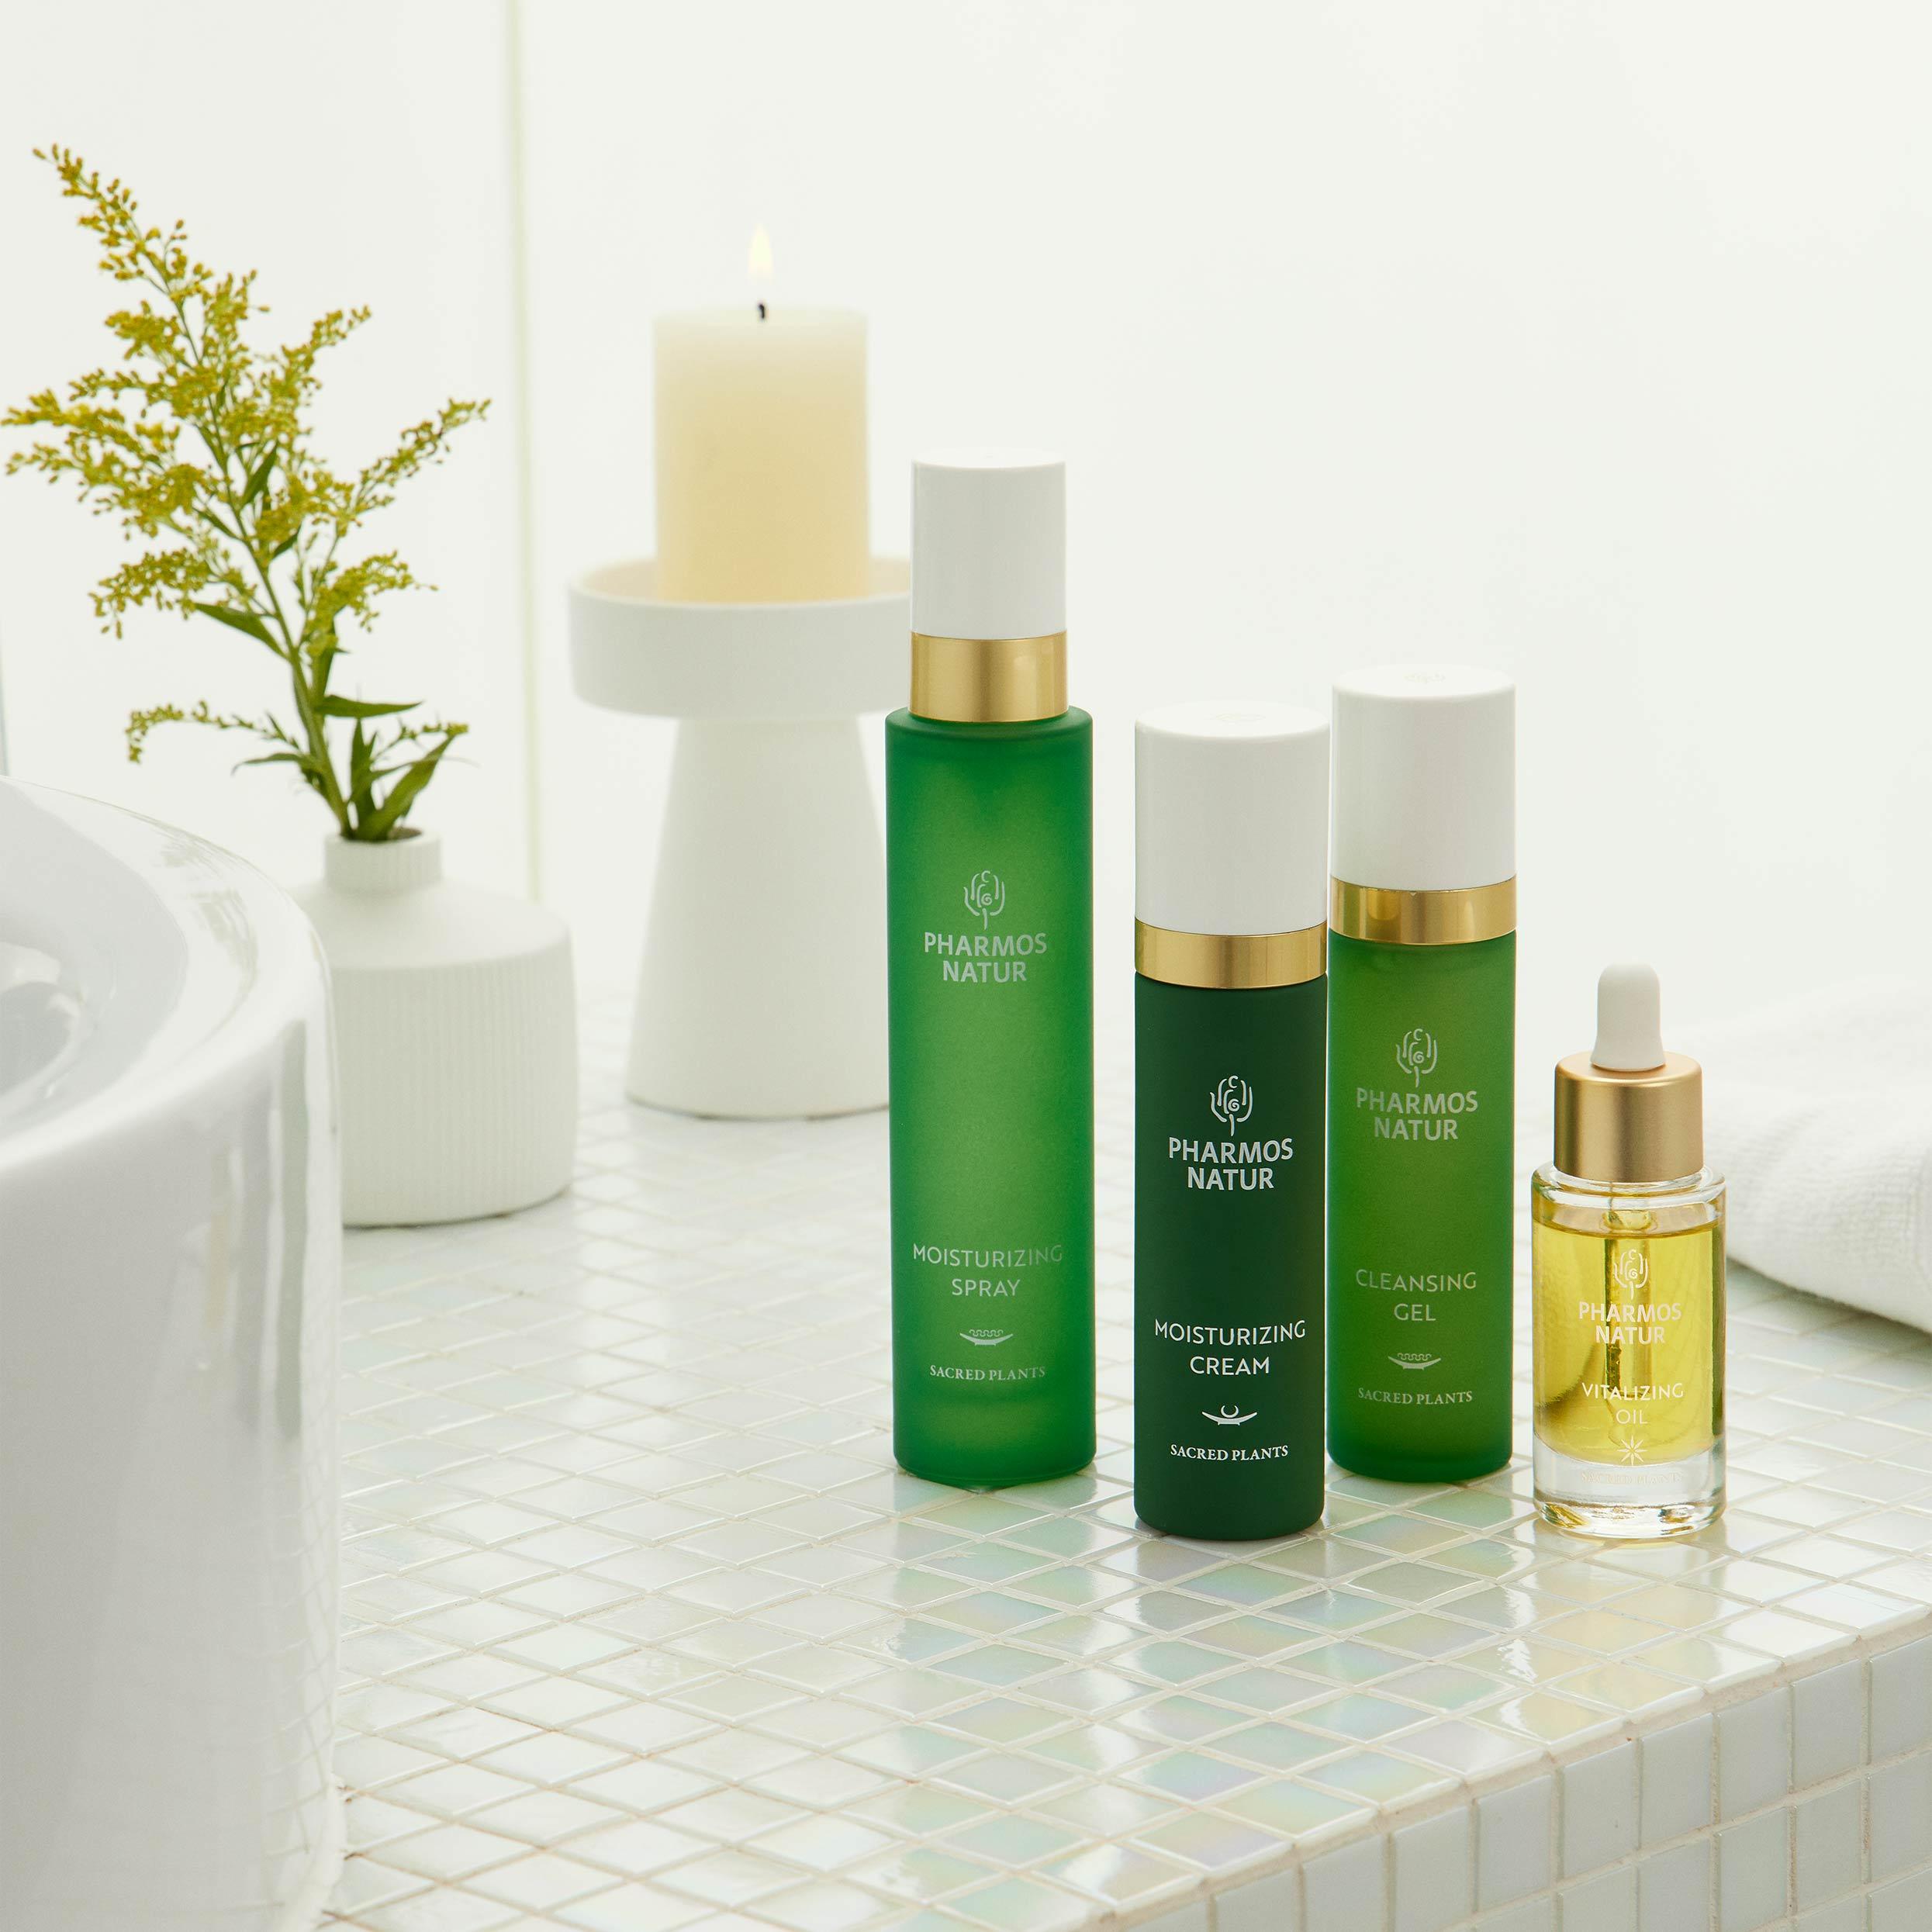 Normale Haut Produkte auf kleinen weißen Fliesen im Badezimmer